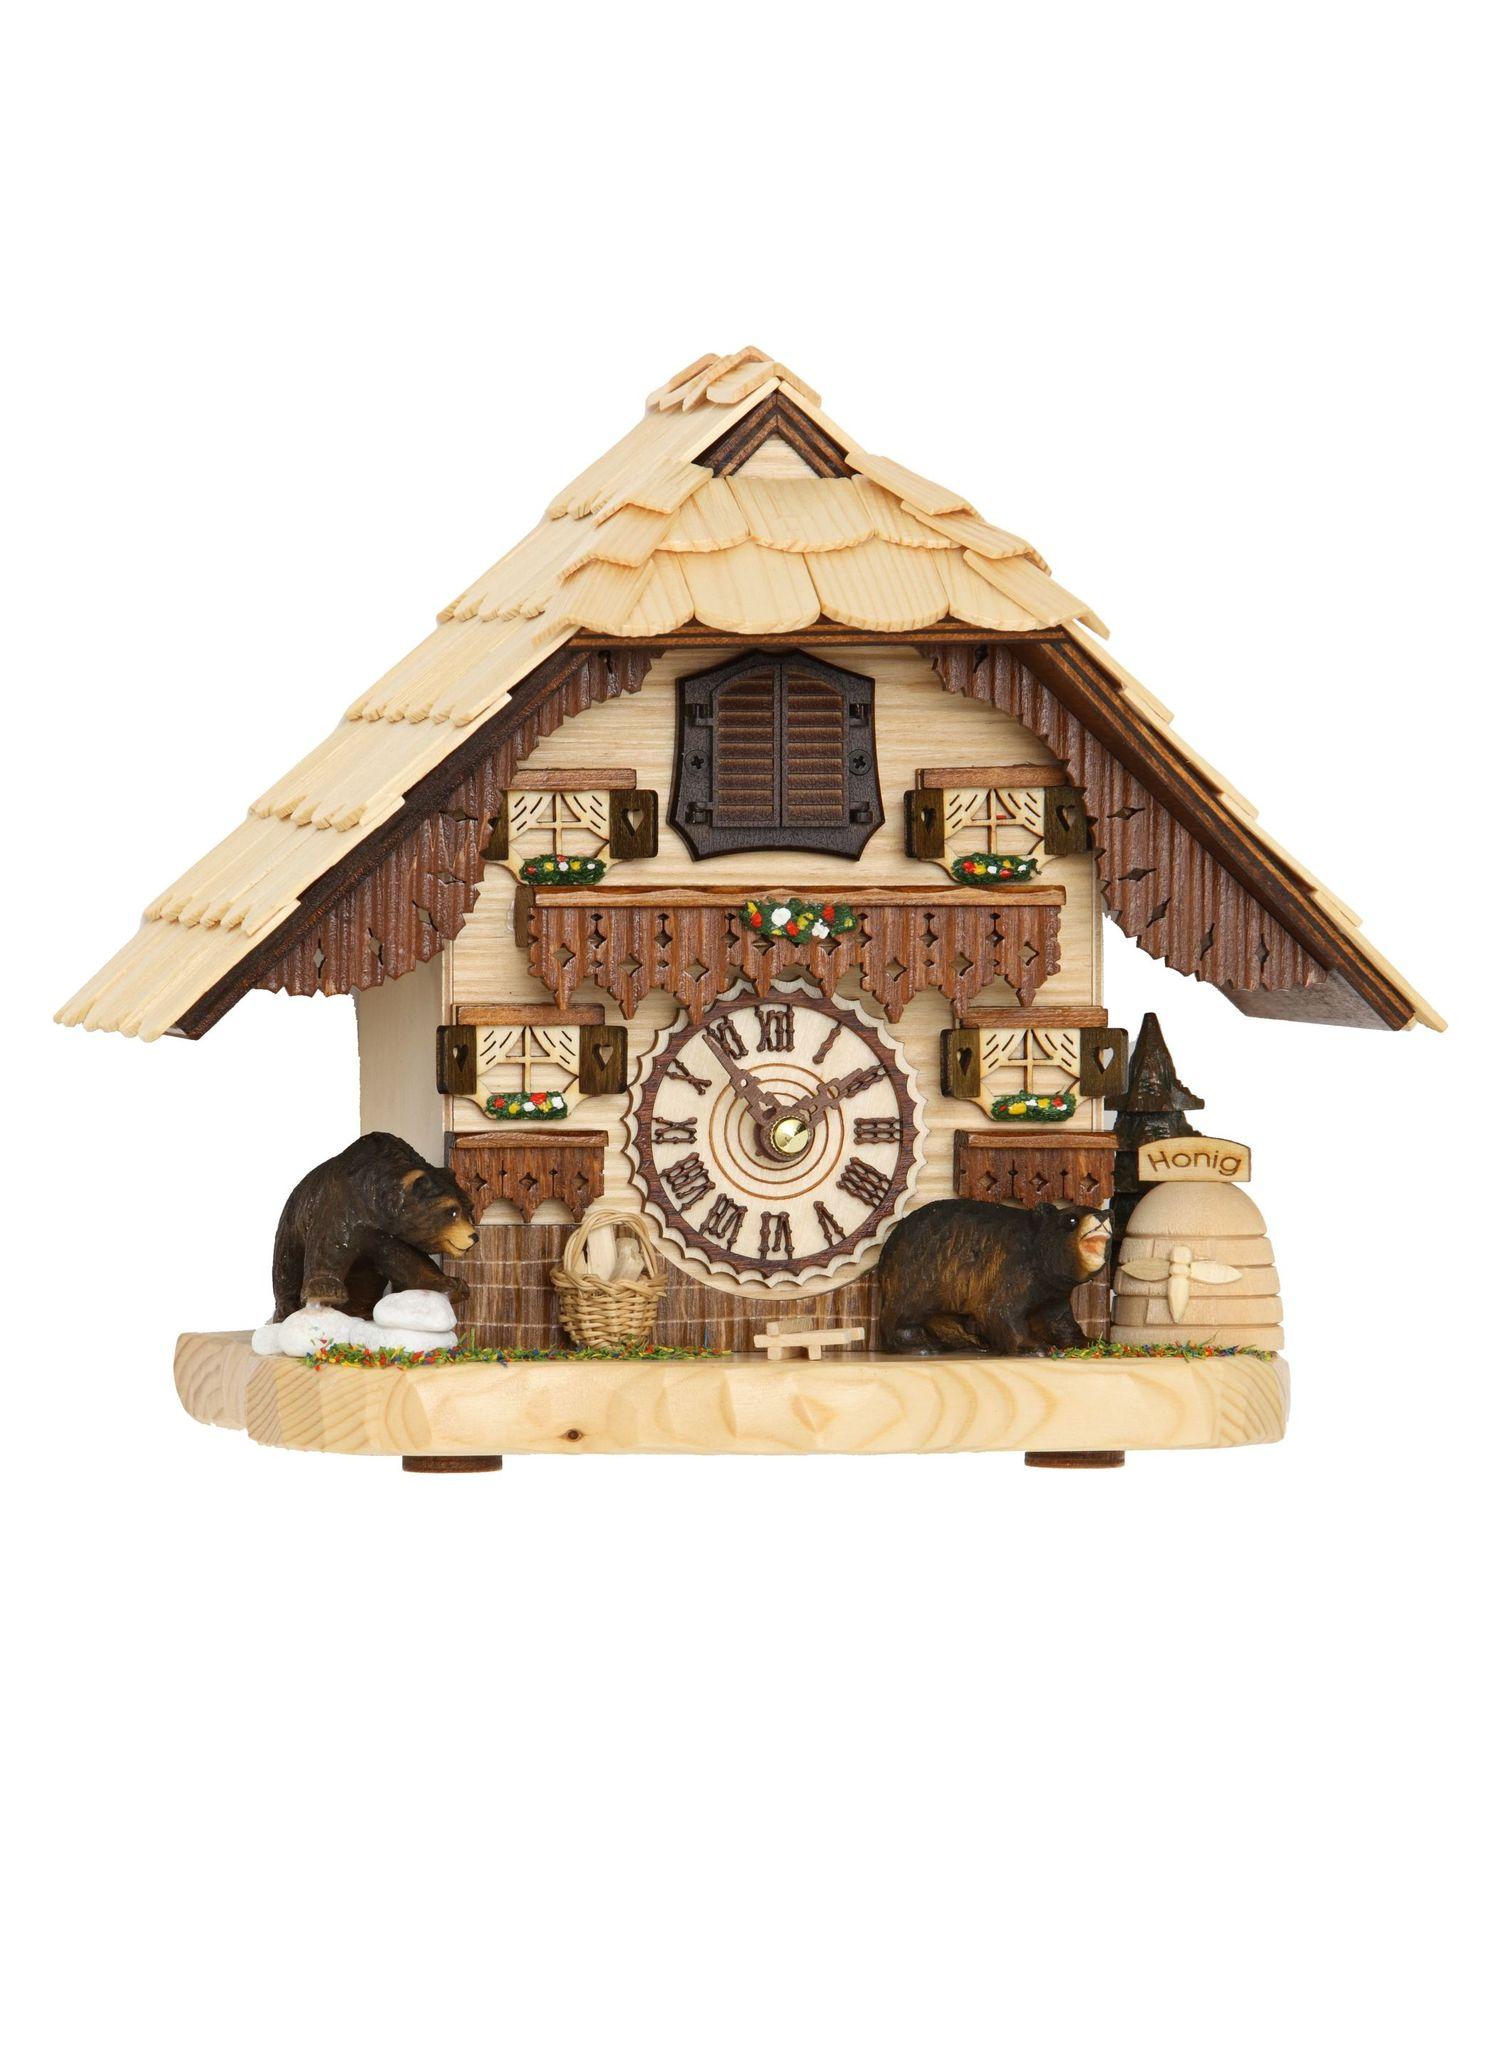 Часы настенные Часы настенные с кукушкой Trenkle 4203 QM chasy-nastennye-s-kukushkoy-trenkle-4203-qm.jpg